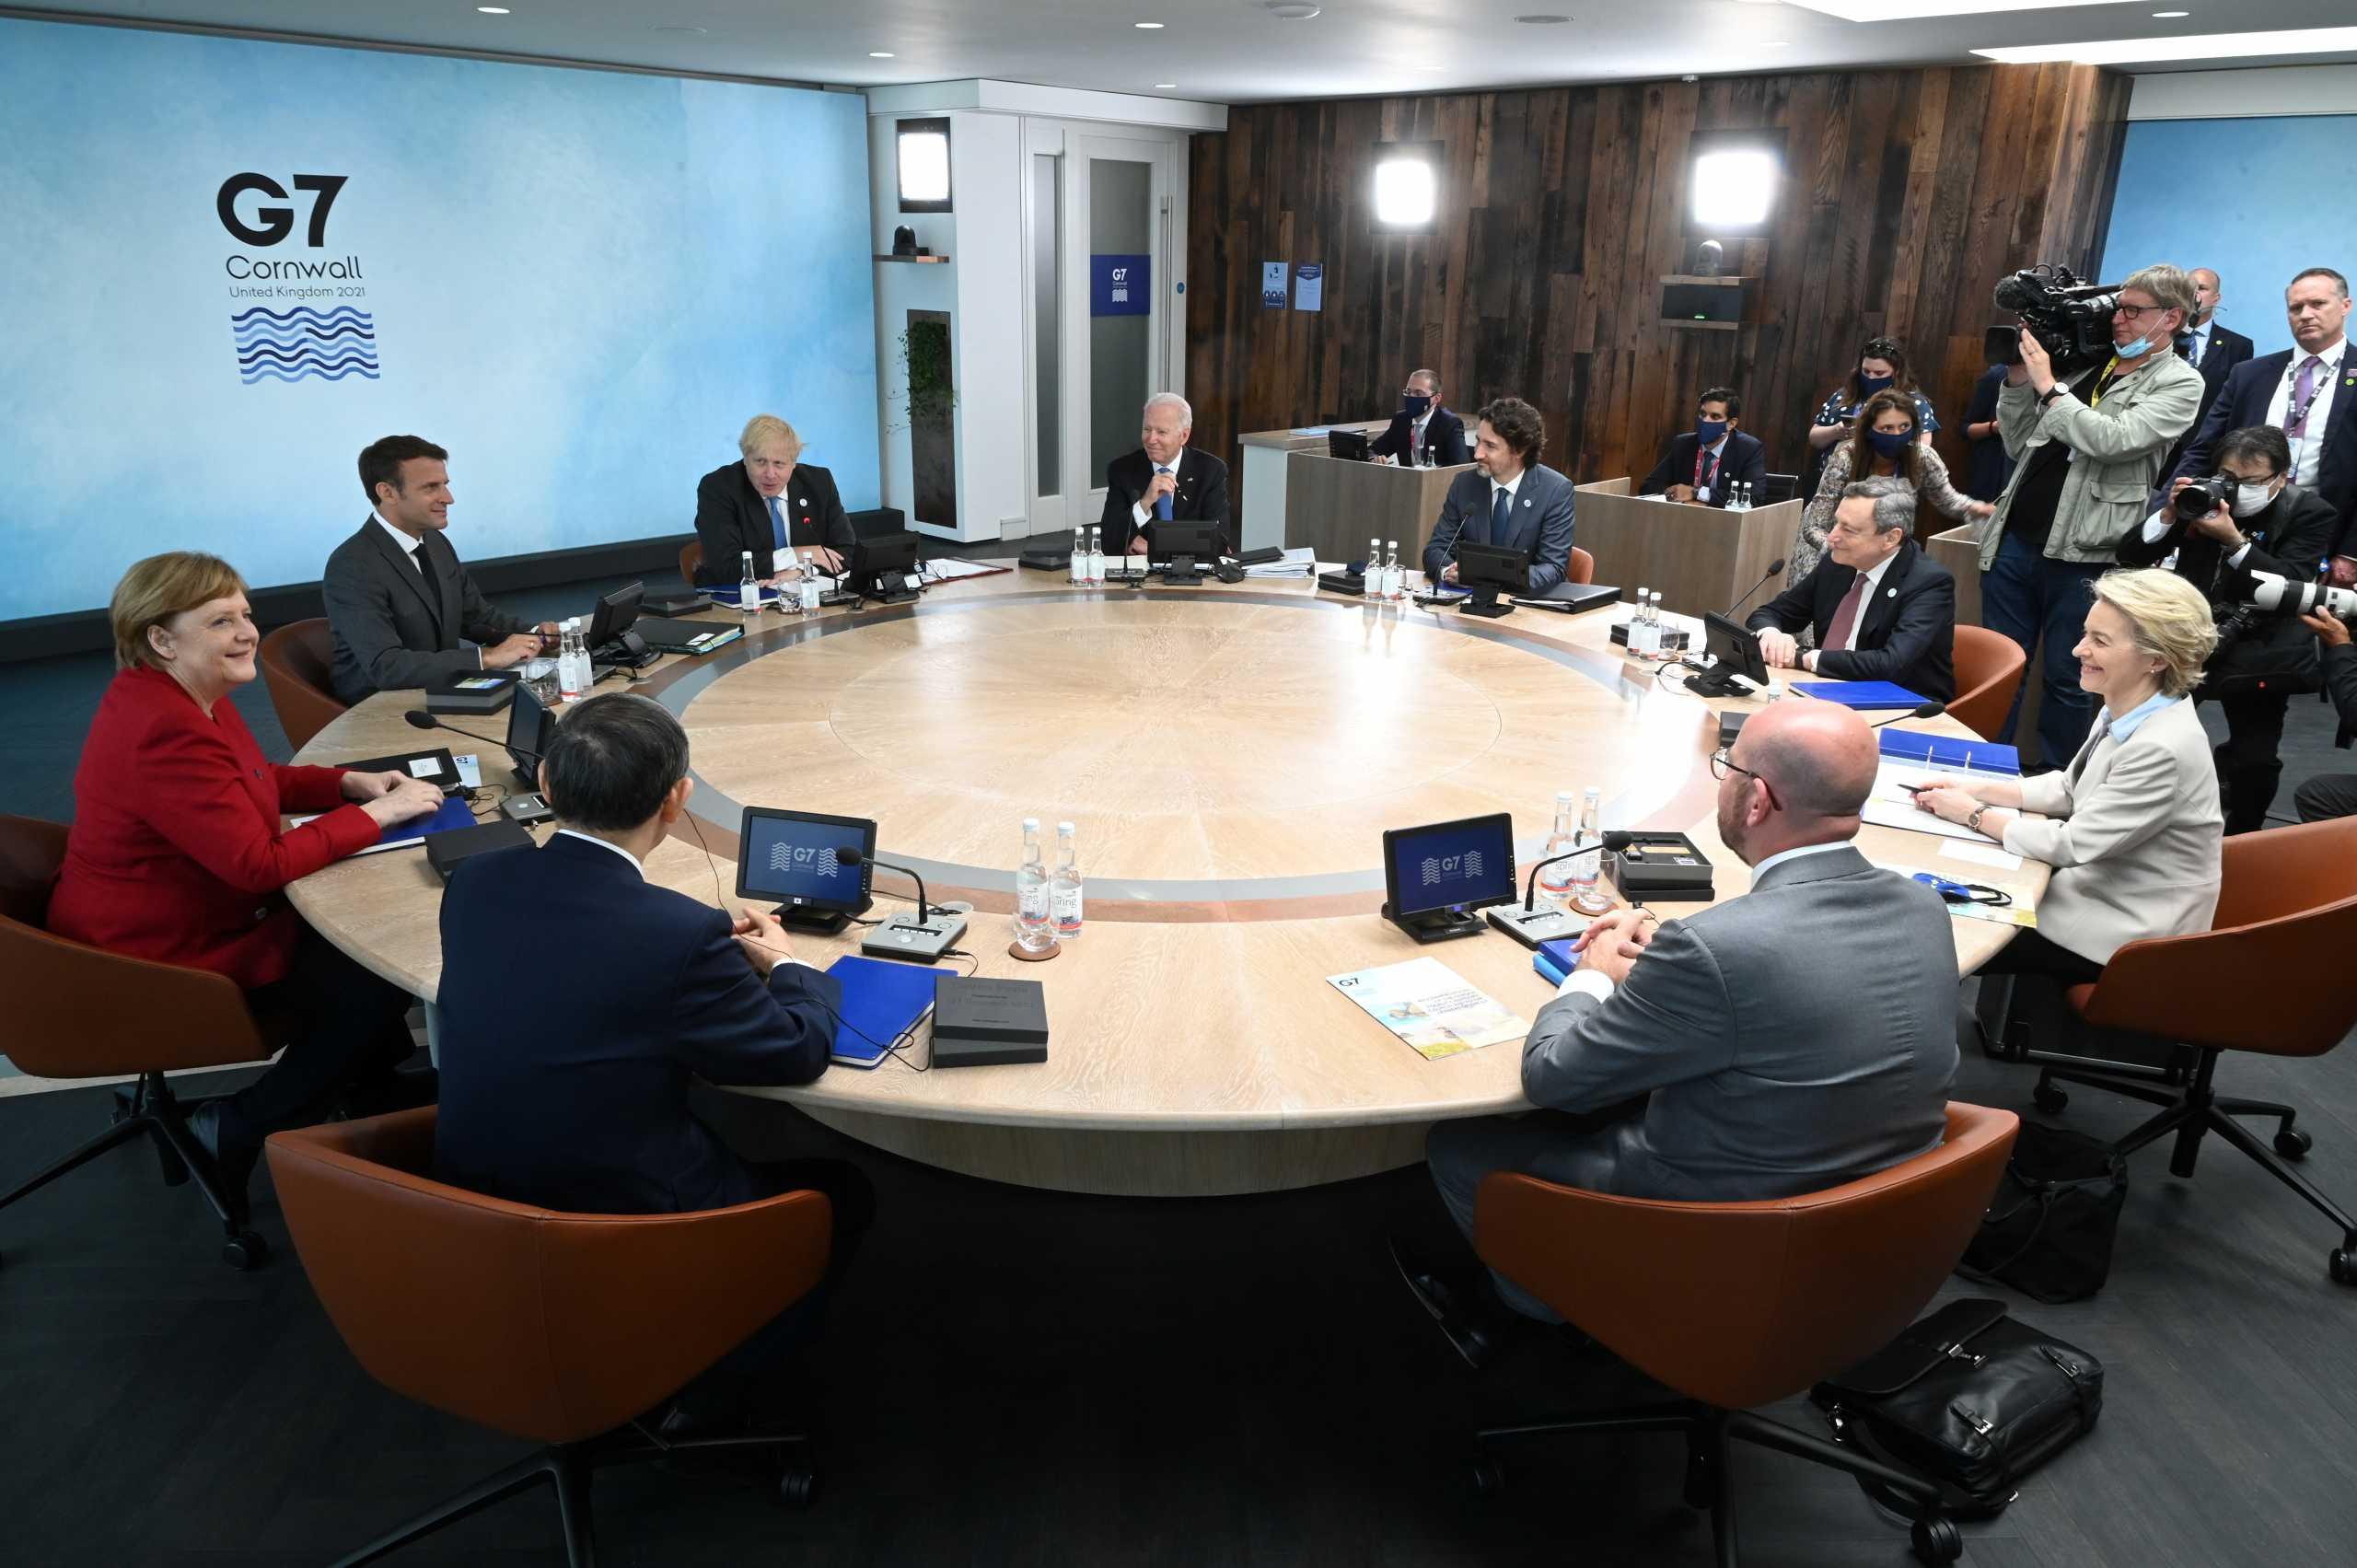 Σύνοδος G7: Καλεί την Κίνα να σεβαστεί τα ανθρώπινα δικαιώματα και τις ελευθερίες